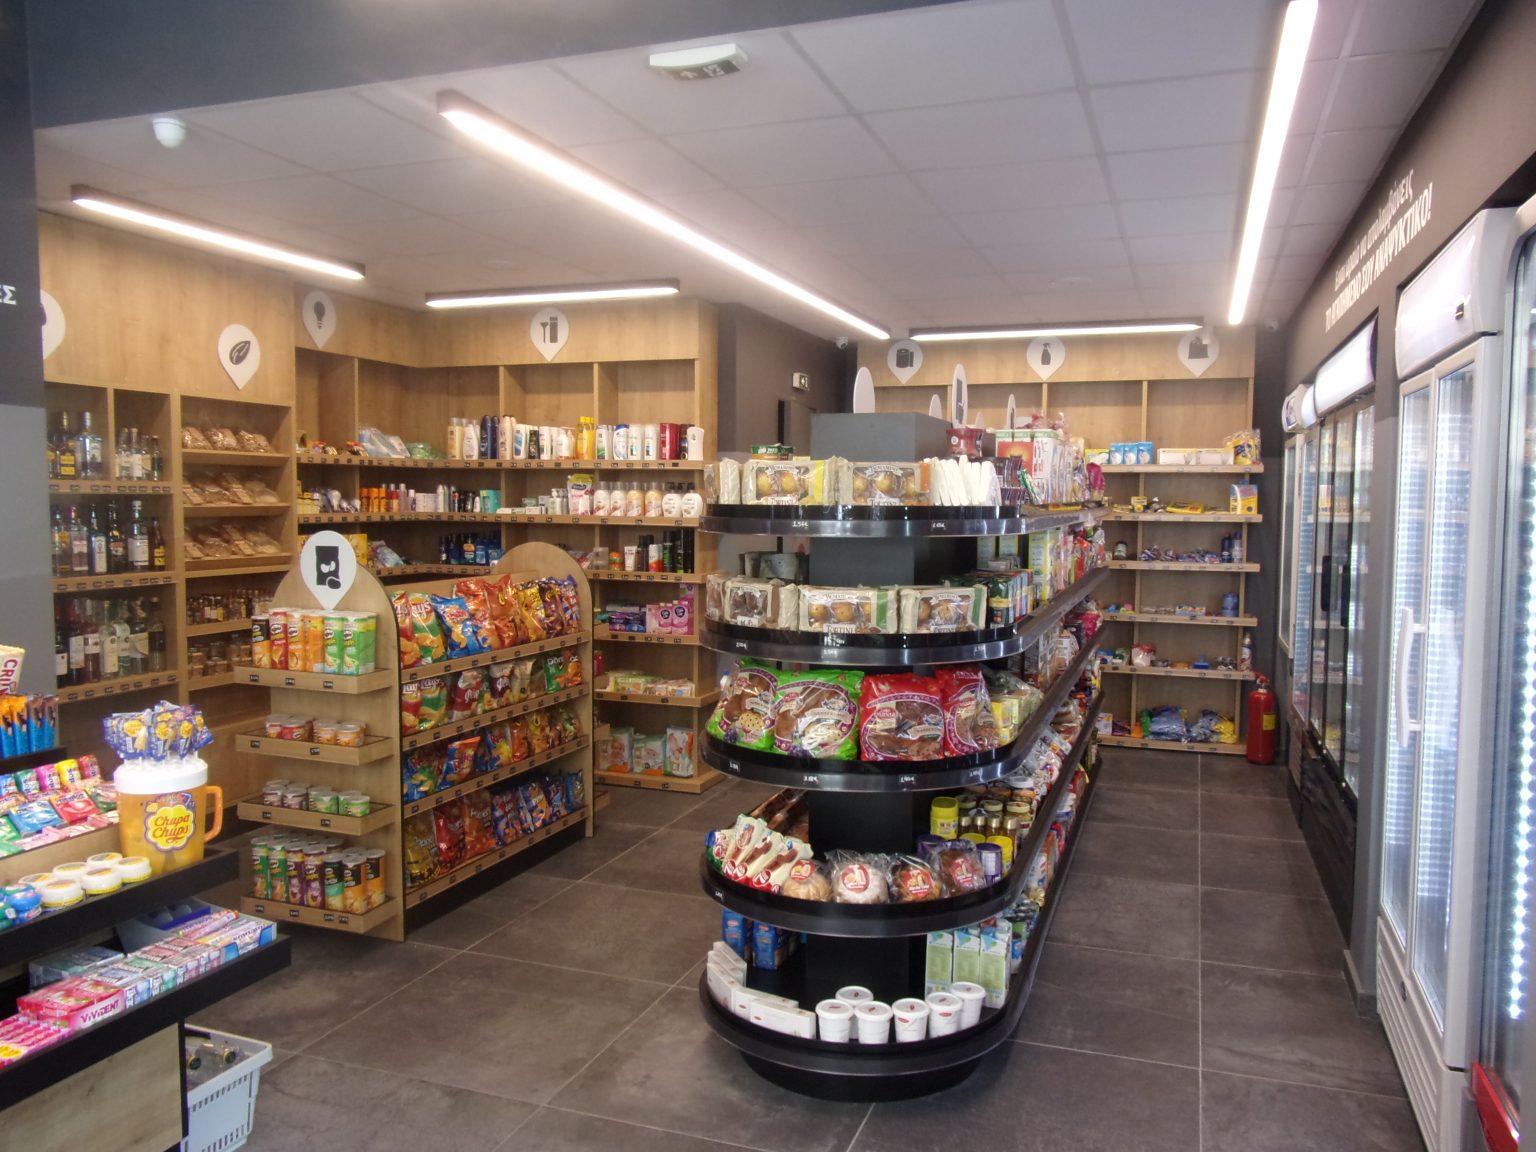 kioskys-convenience-store-rafia